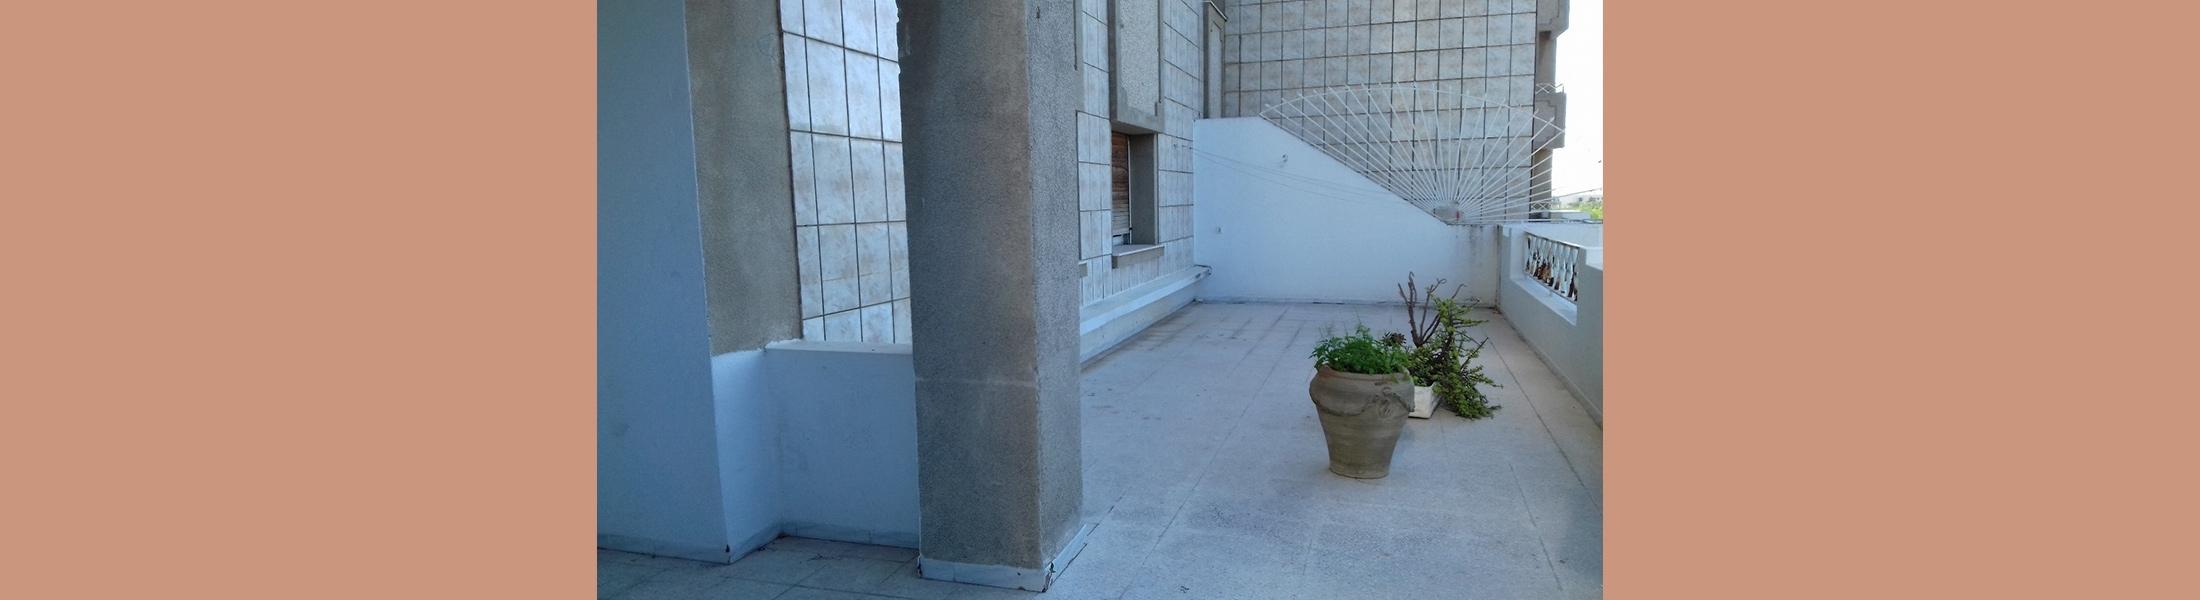 Appartement Bardo 1 - Tunis (Appel d'Offres N°06/2021)